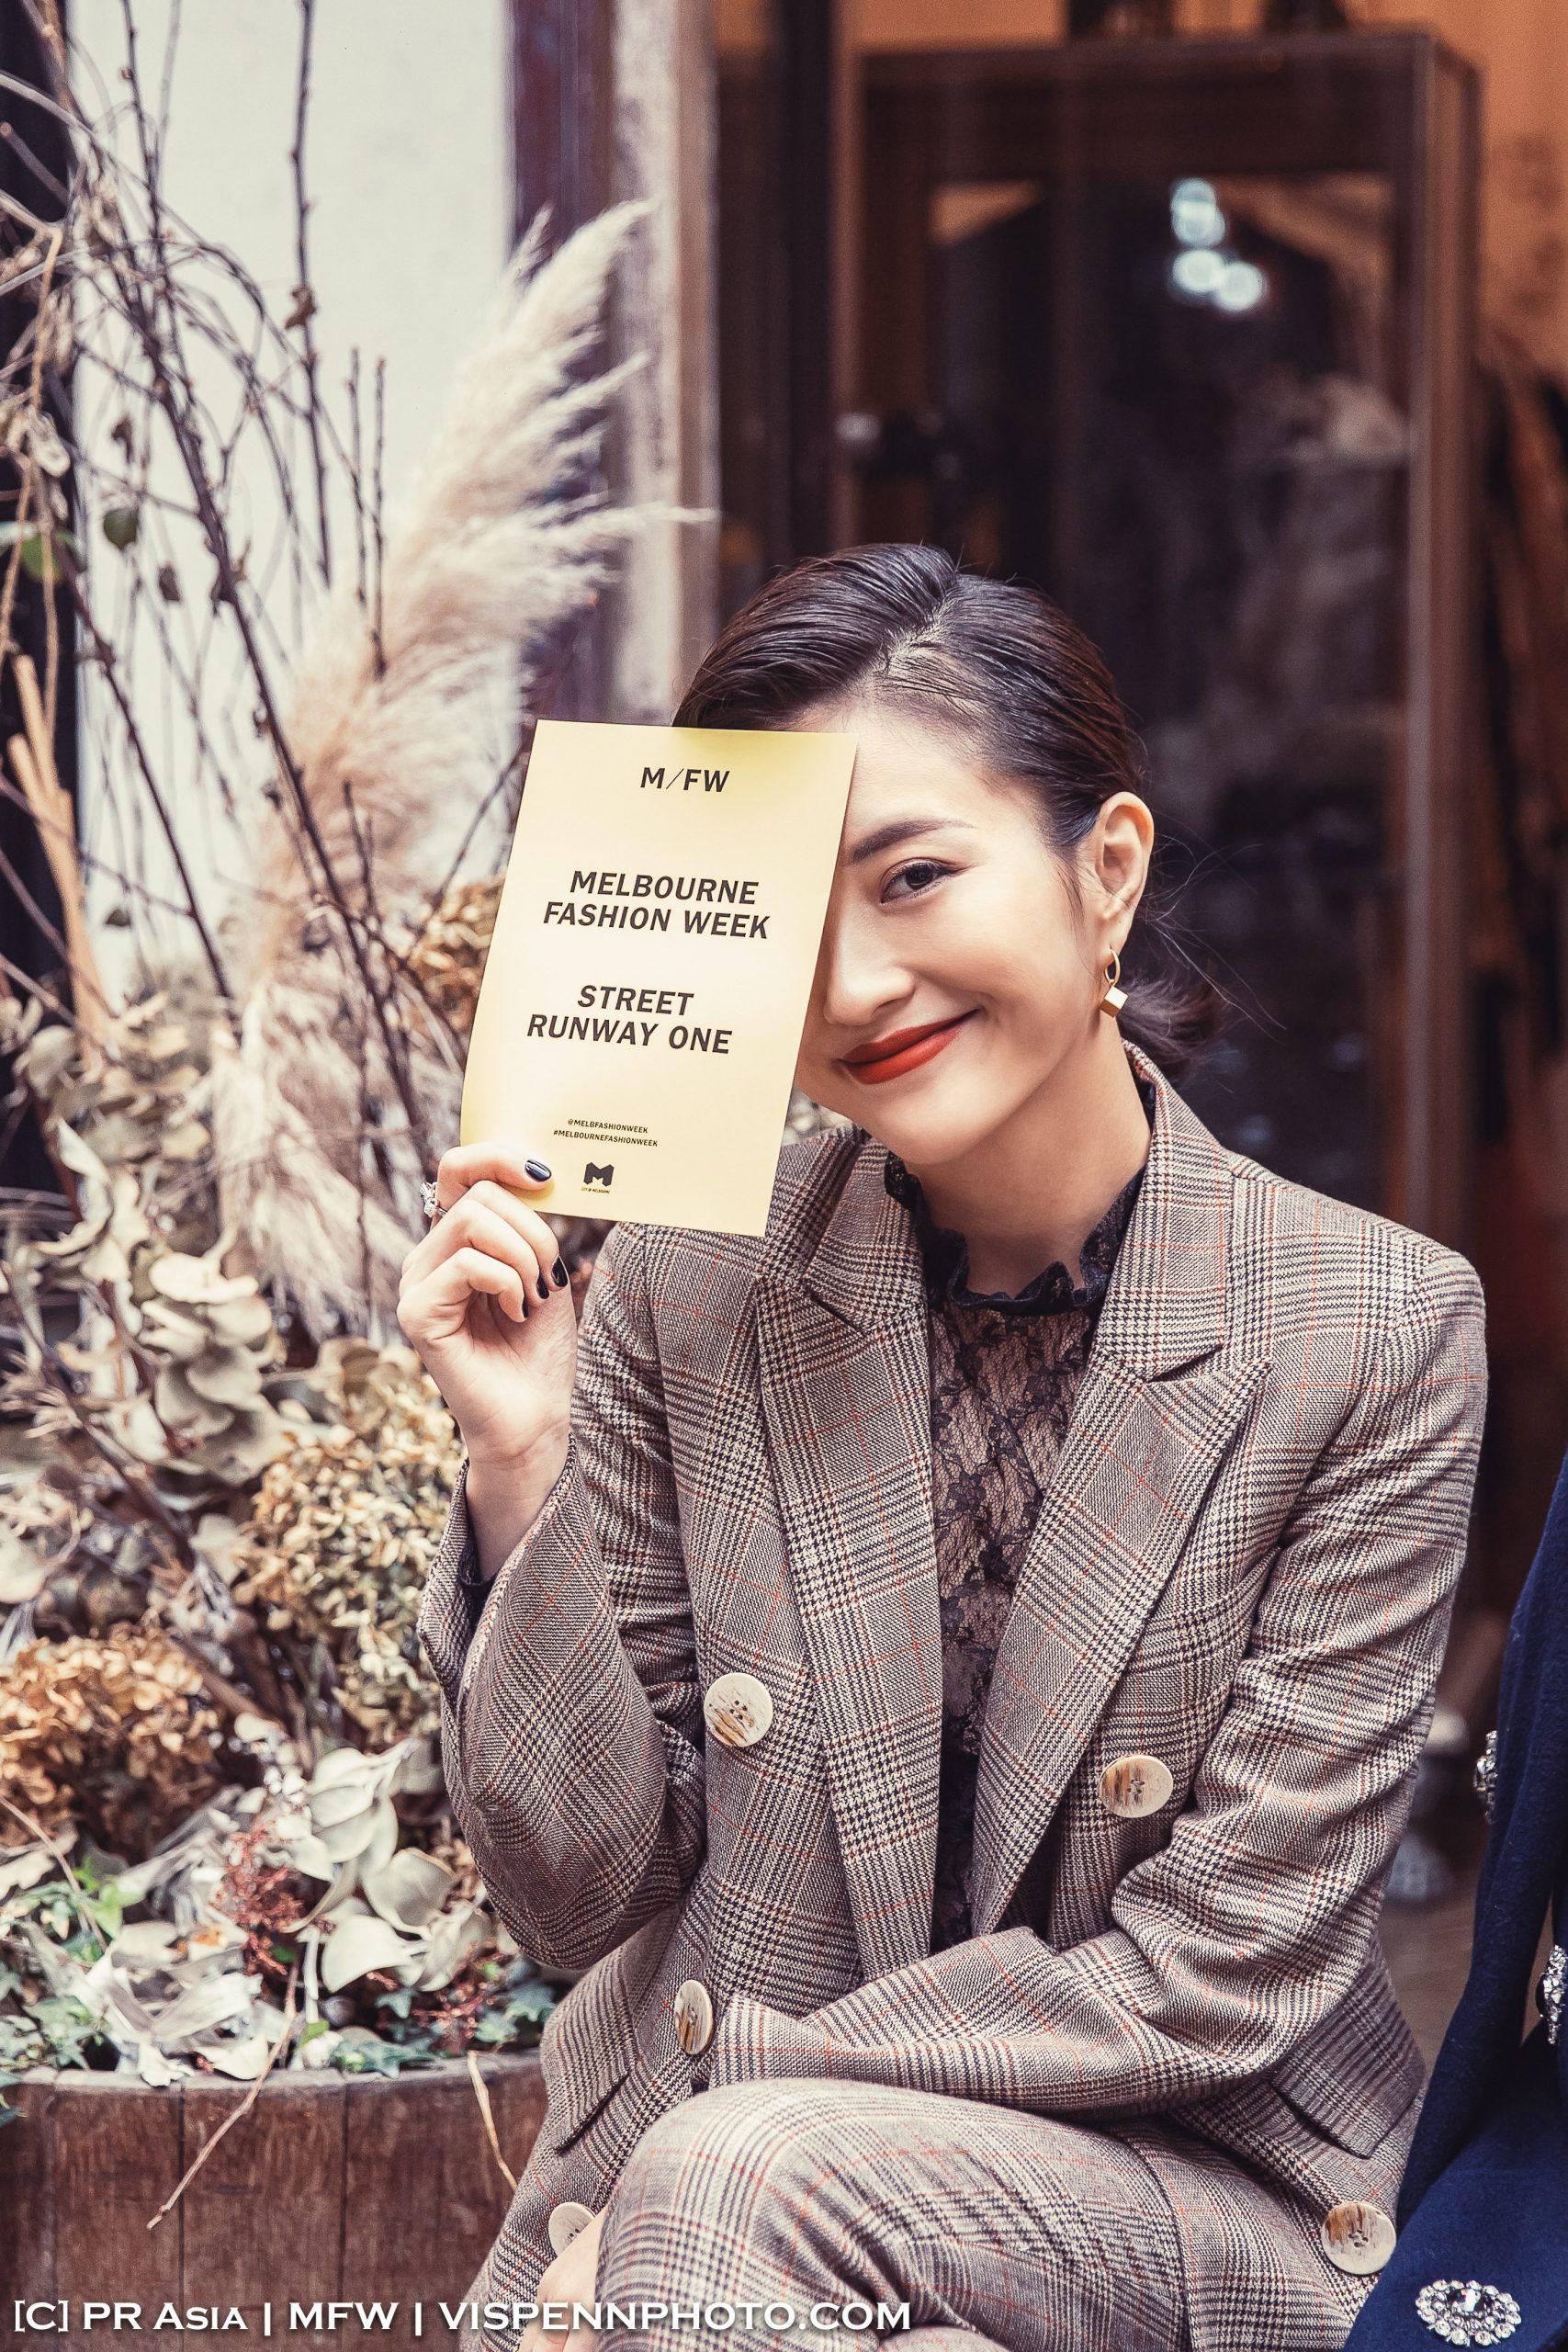 Melbourne Fashion Portrait Commercial Photography VISPENN 墨尔本 服装 商业 人像 摄影 VISPENN 0317 Edit